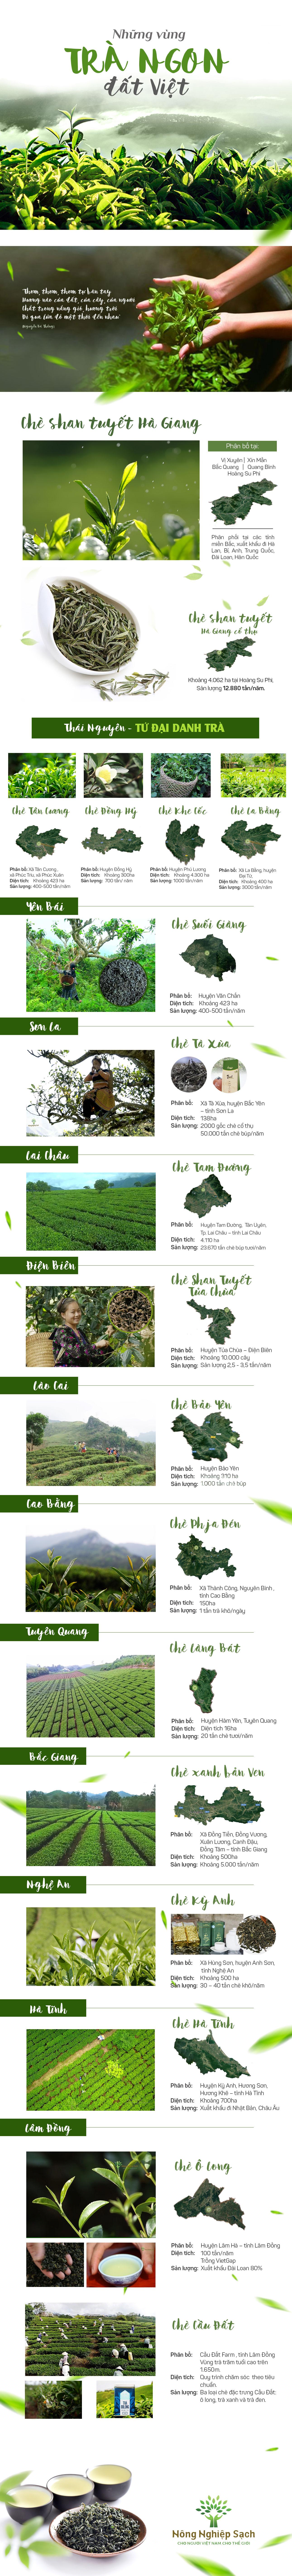 Những vùng trà ngon đất Việt